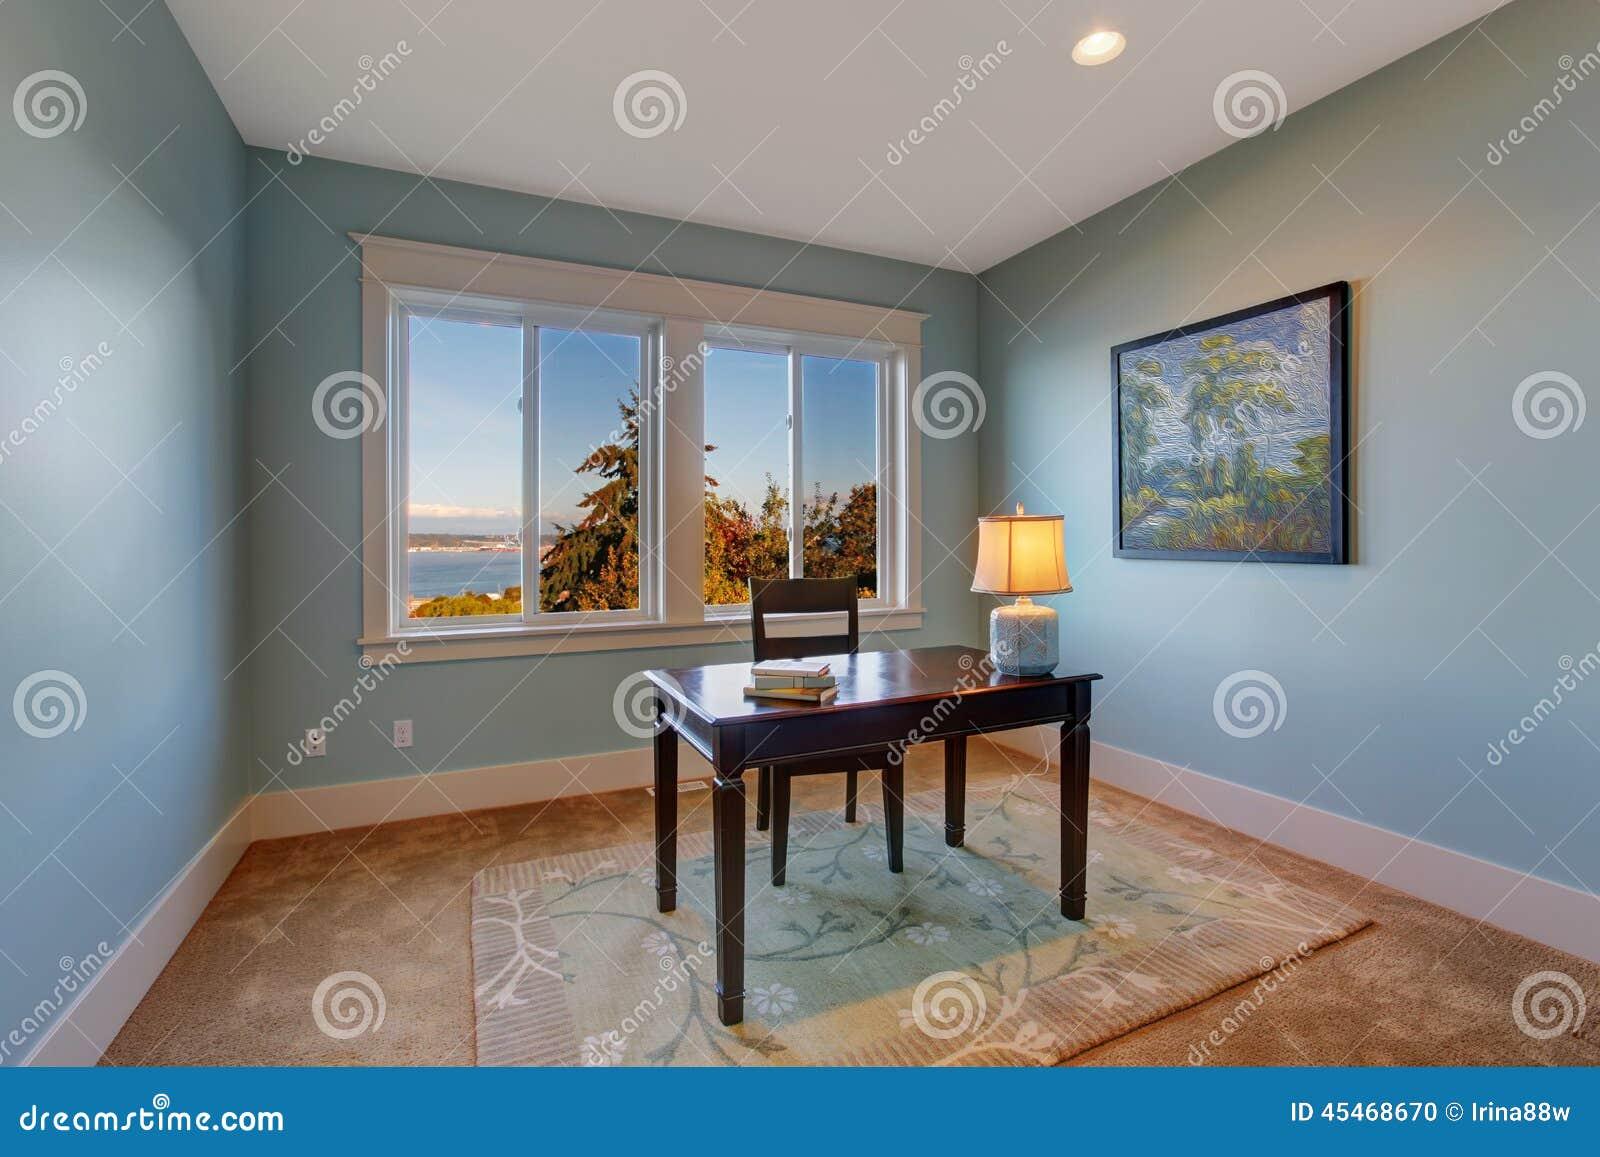 pi ce simple de bureau dans la couleur bleu clair photo. Black Bedroom Furniture Sets. Home Design Ideas